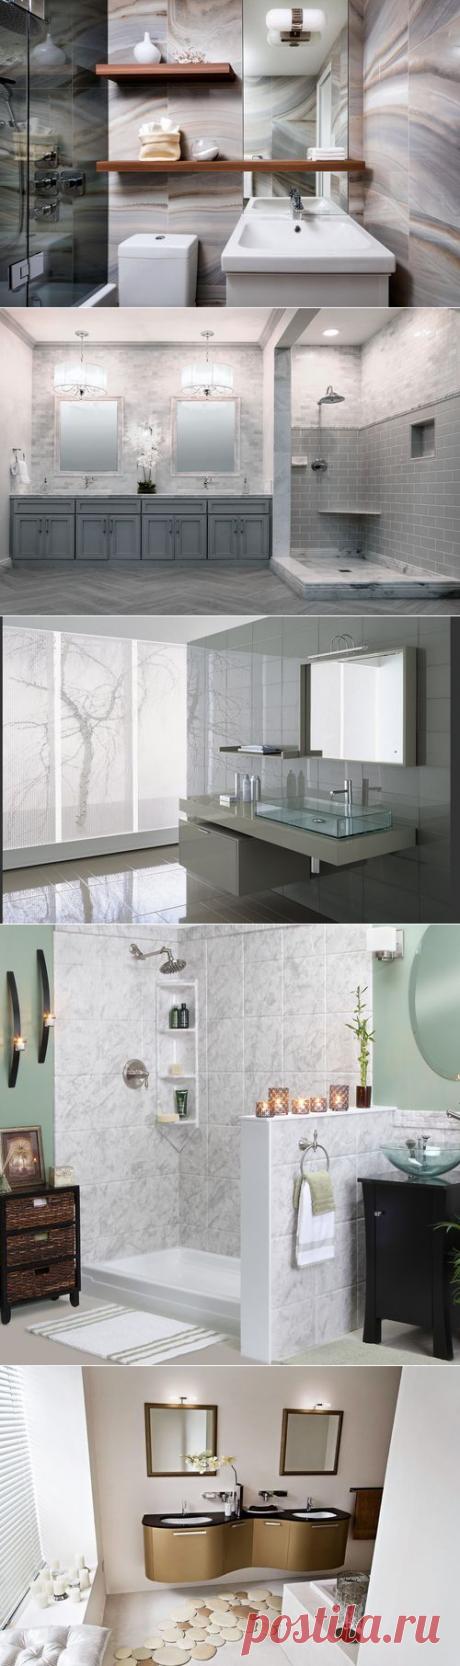 Дизайнерские тренды для ванной комнаты — Роскошь и уют